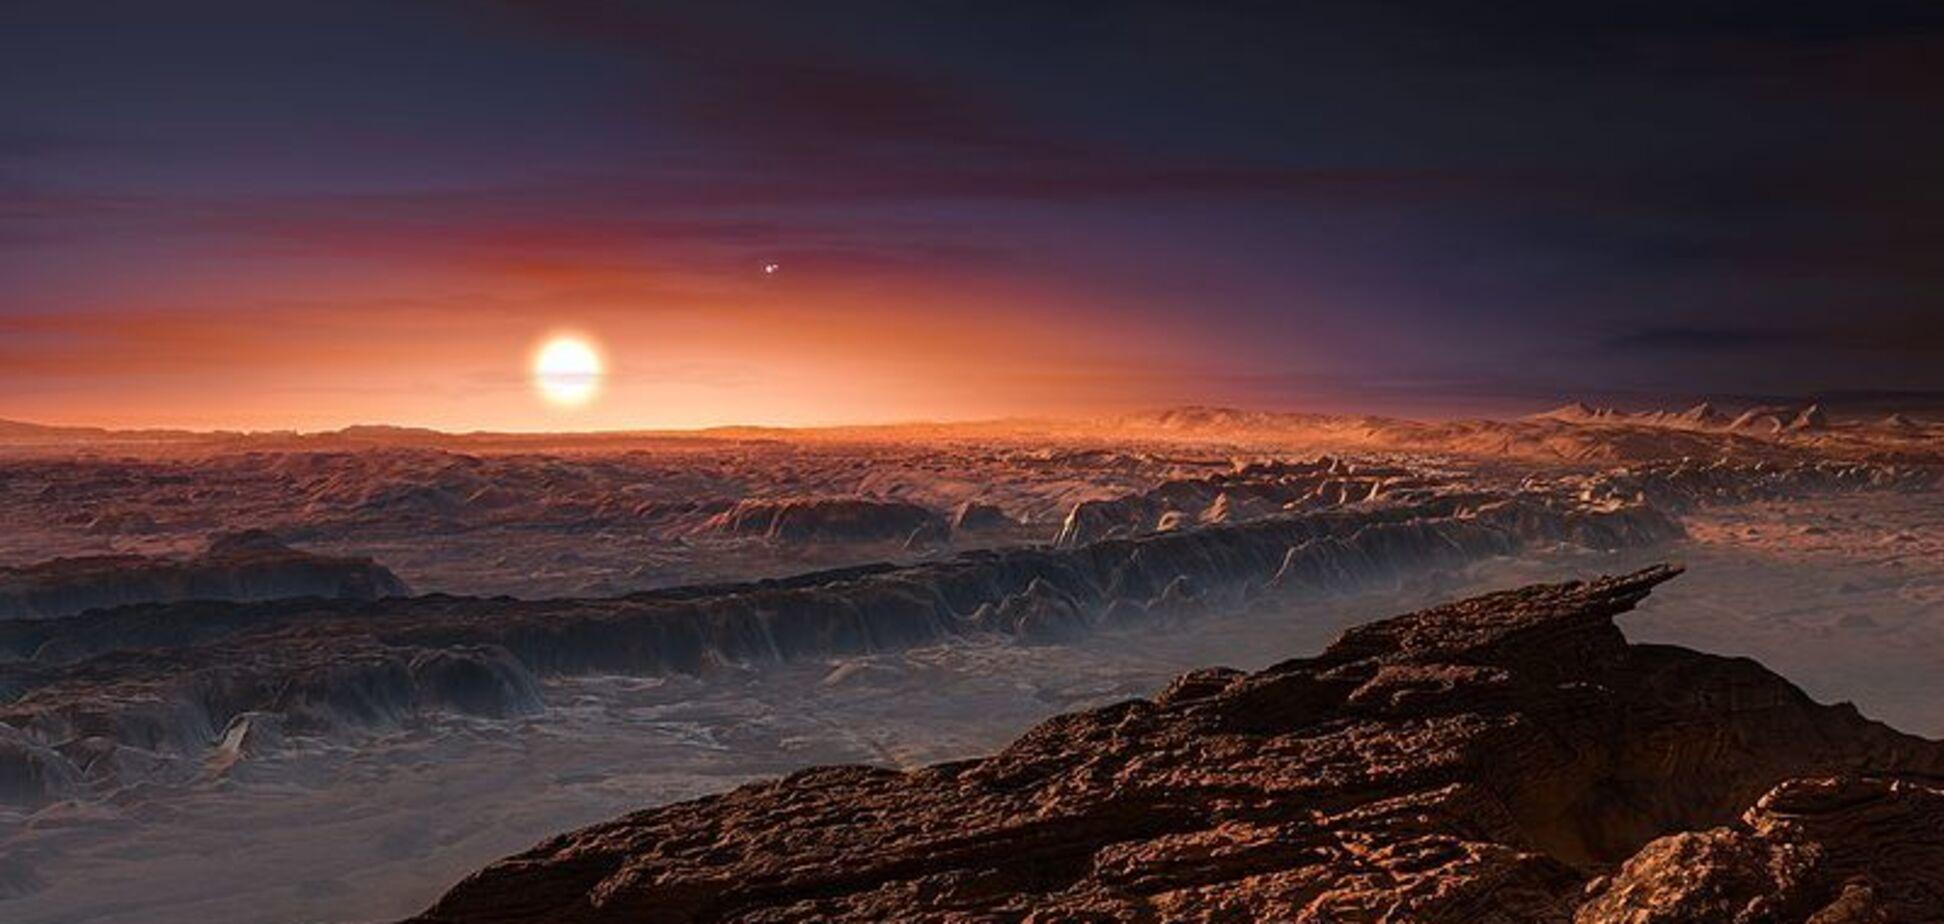 Жителей Земли можно переселить на другую планету - ученые